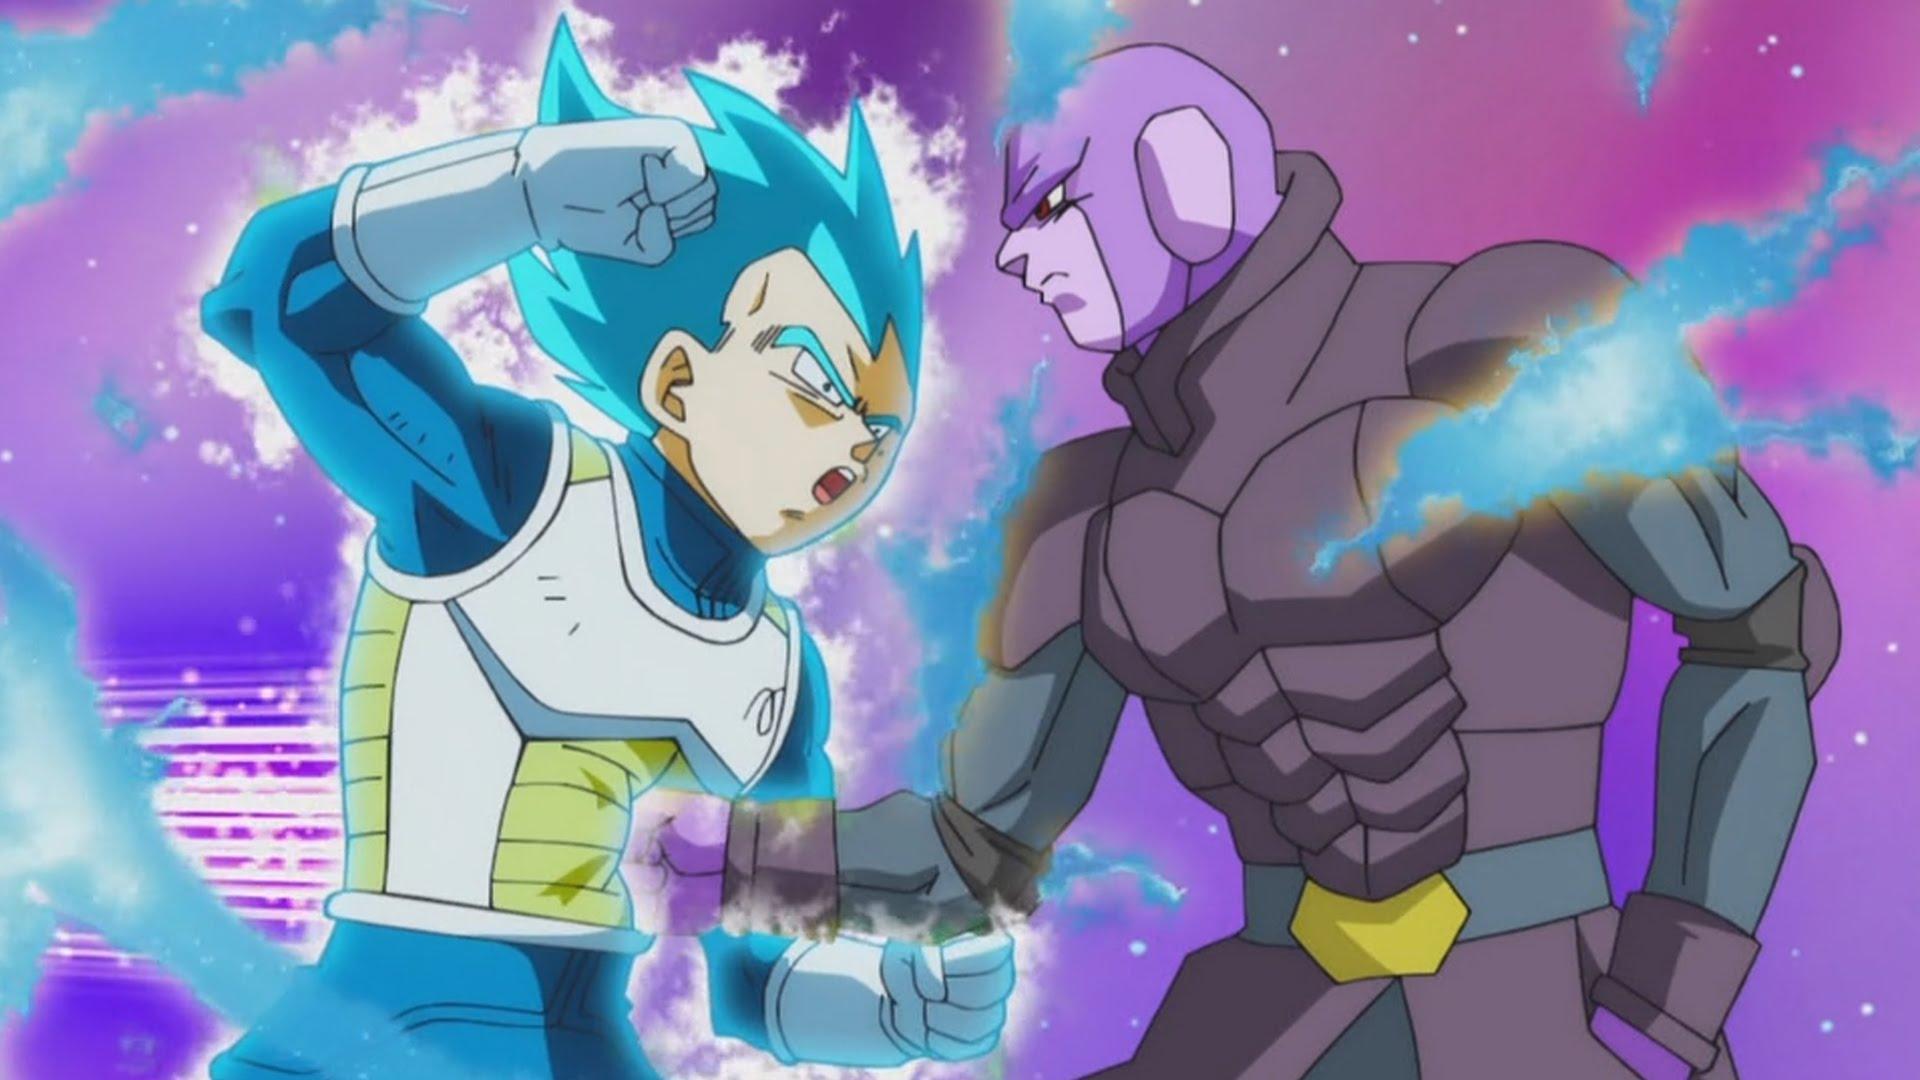 Hit (manga) vs Vegeta - Battles - Comic Vine